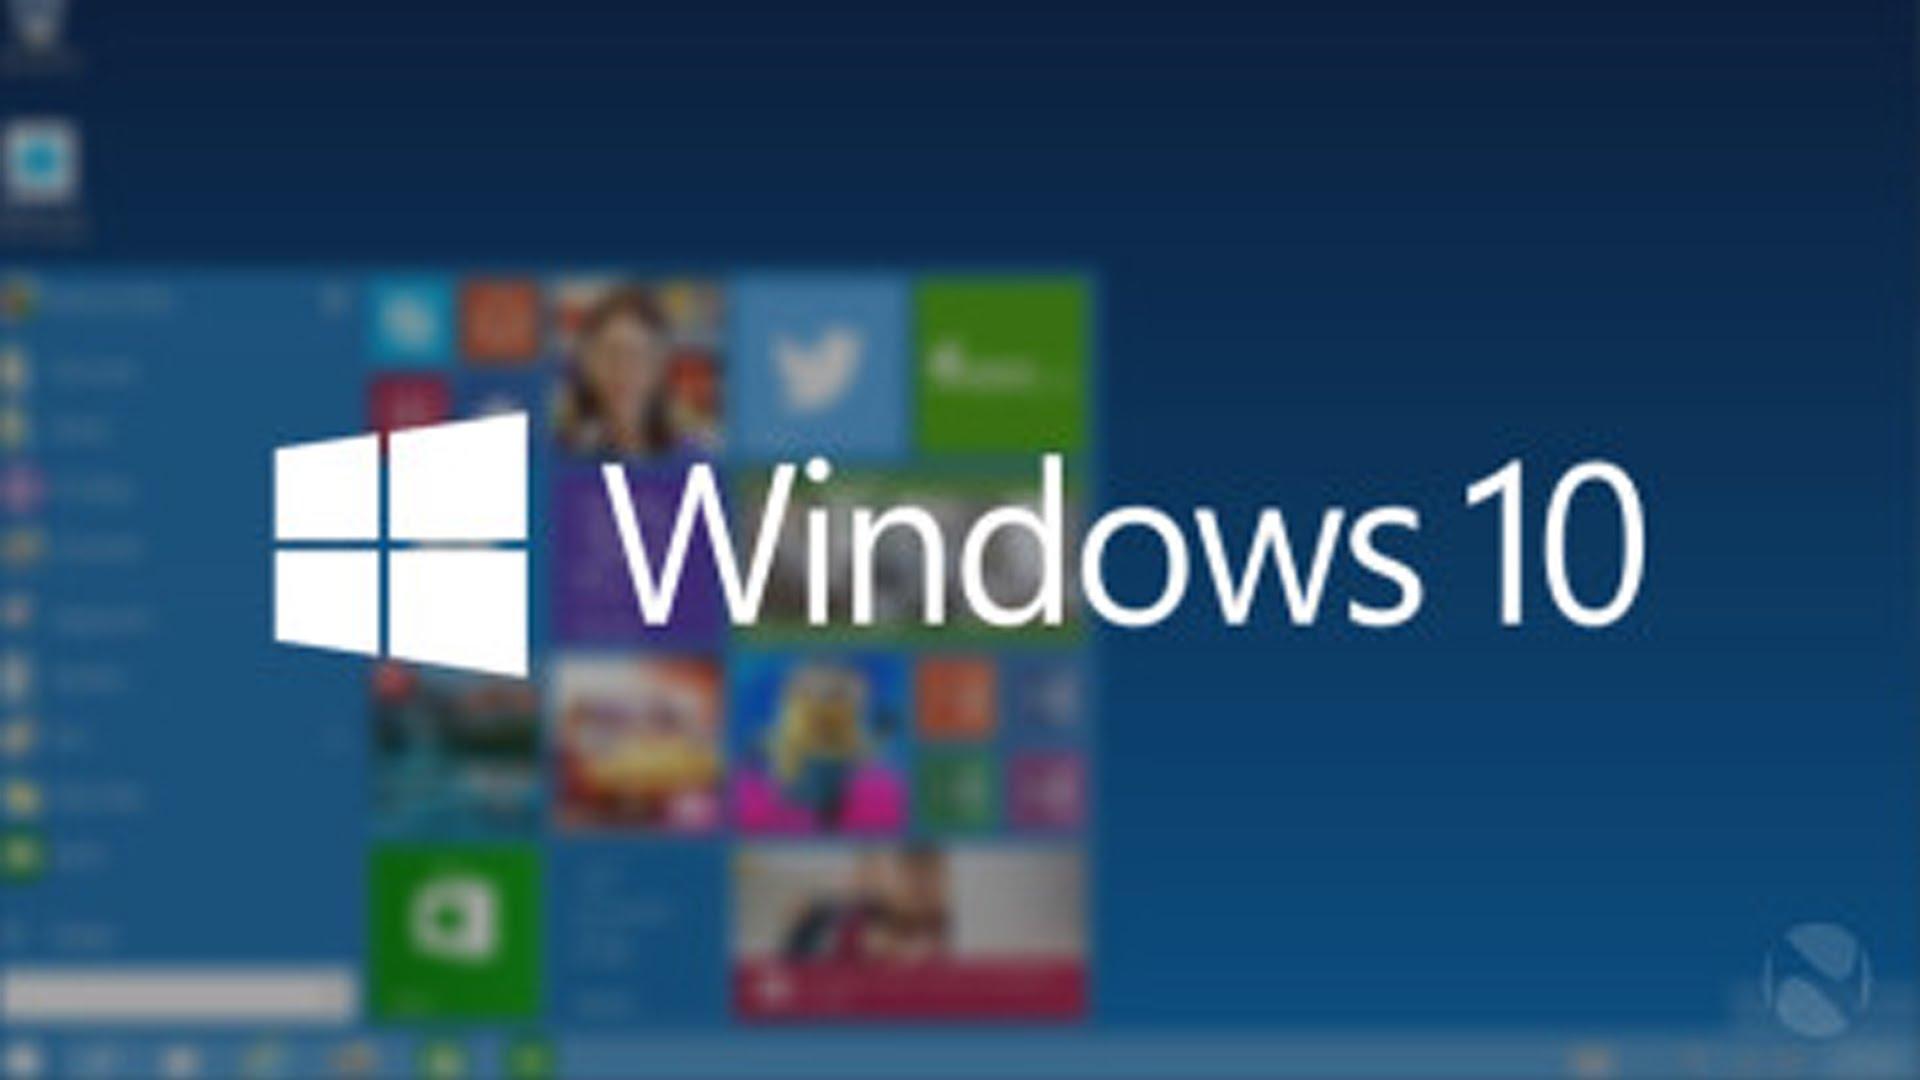 Пользователям нельзя отказываться отWindows 10